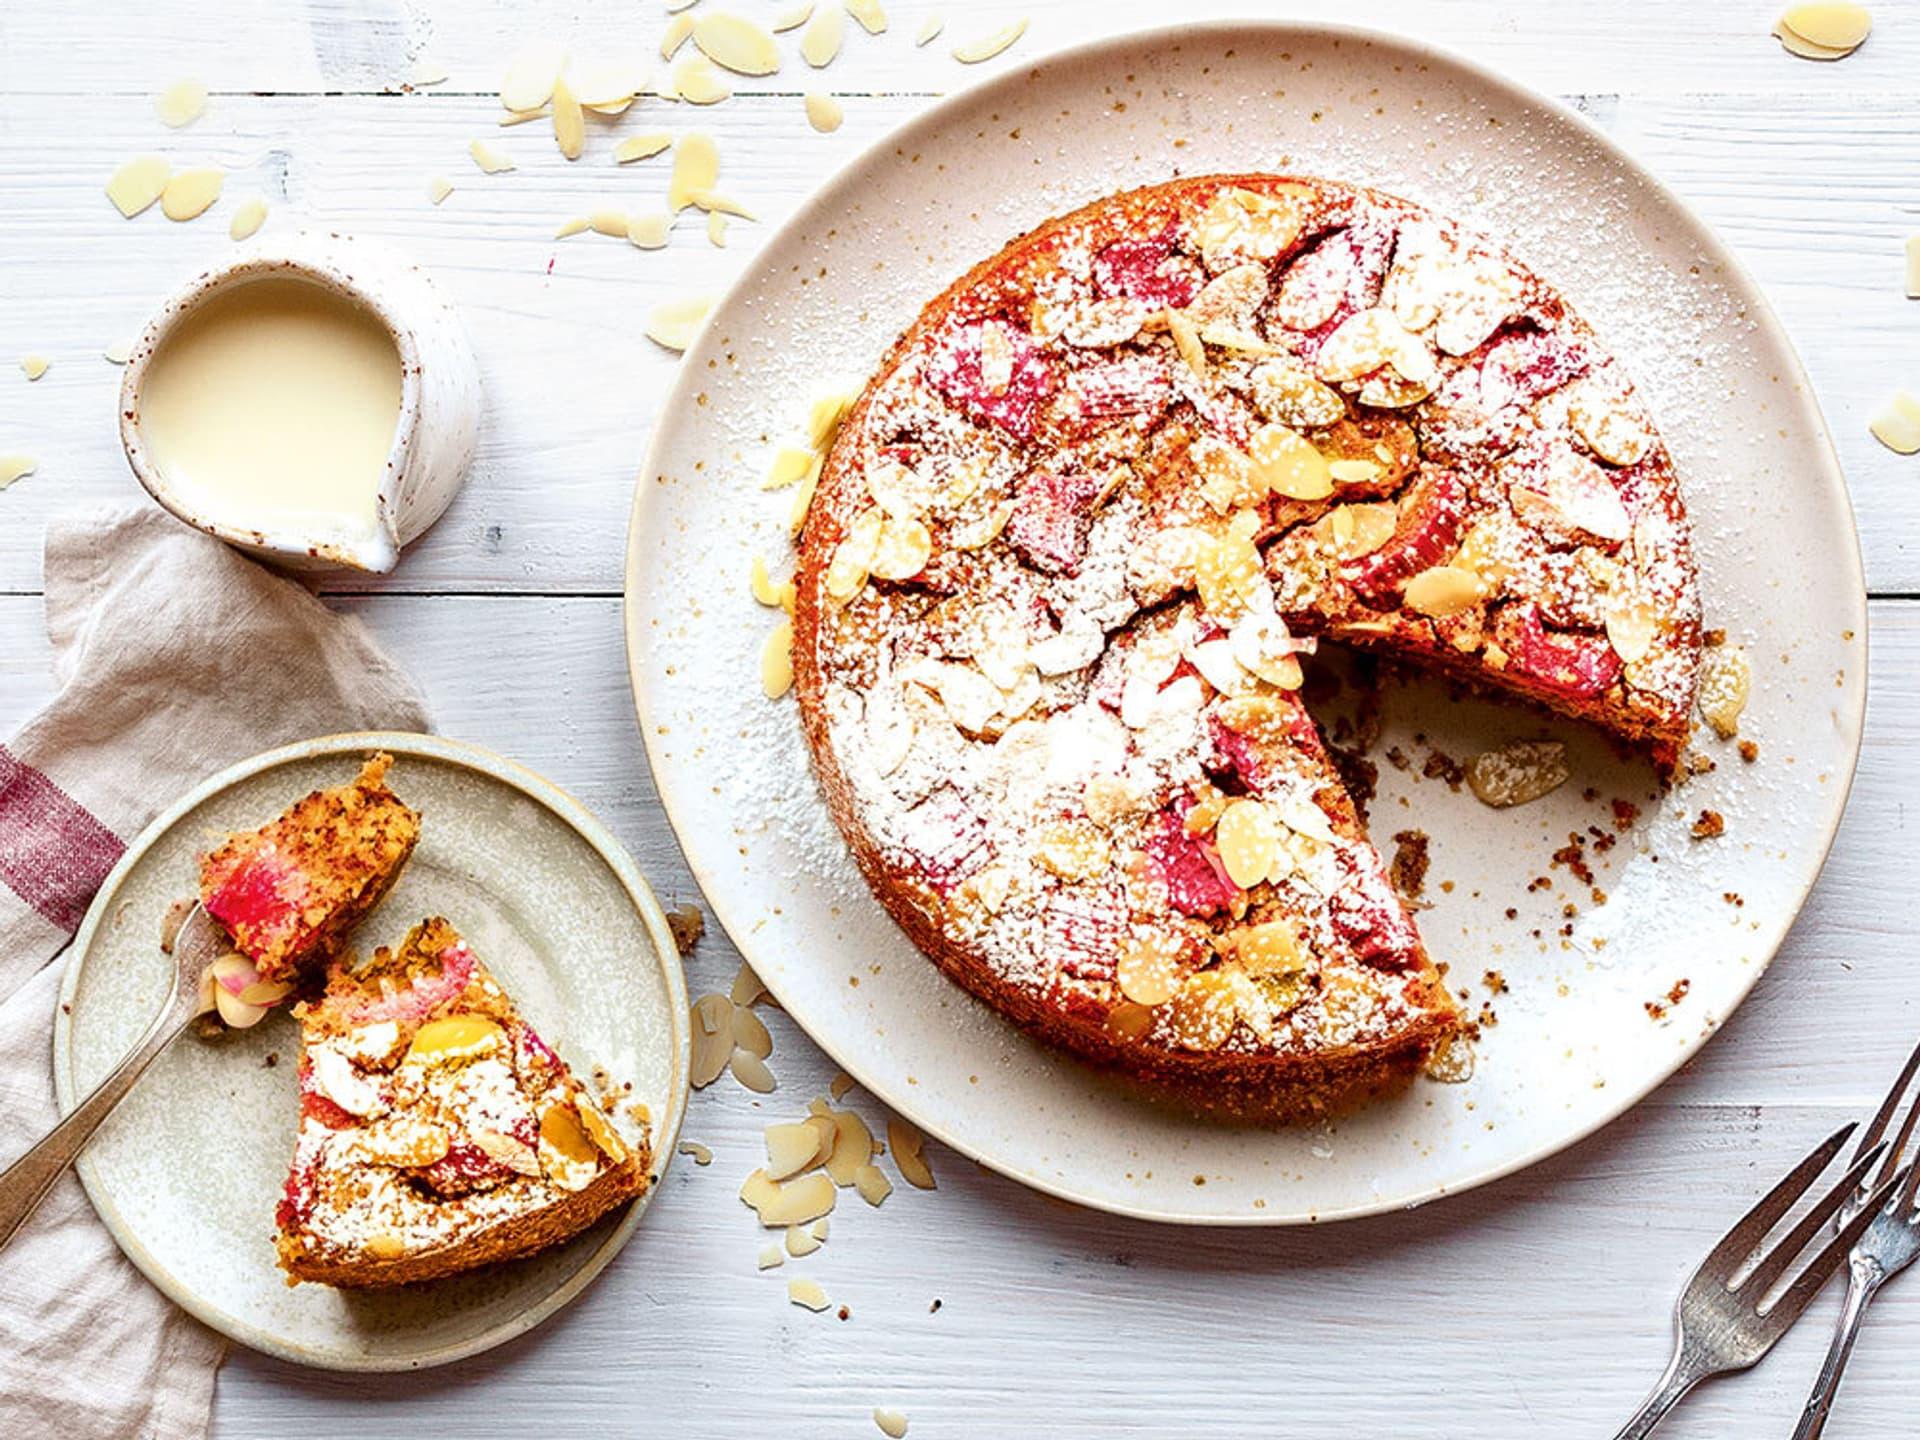 Ein Kuchen mit Mandelblättern und Rhabarber